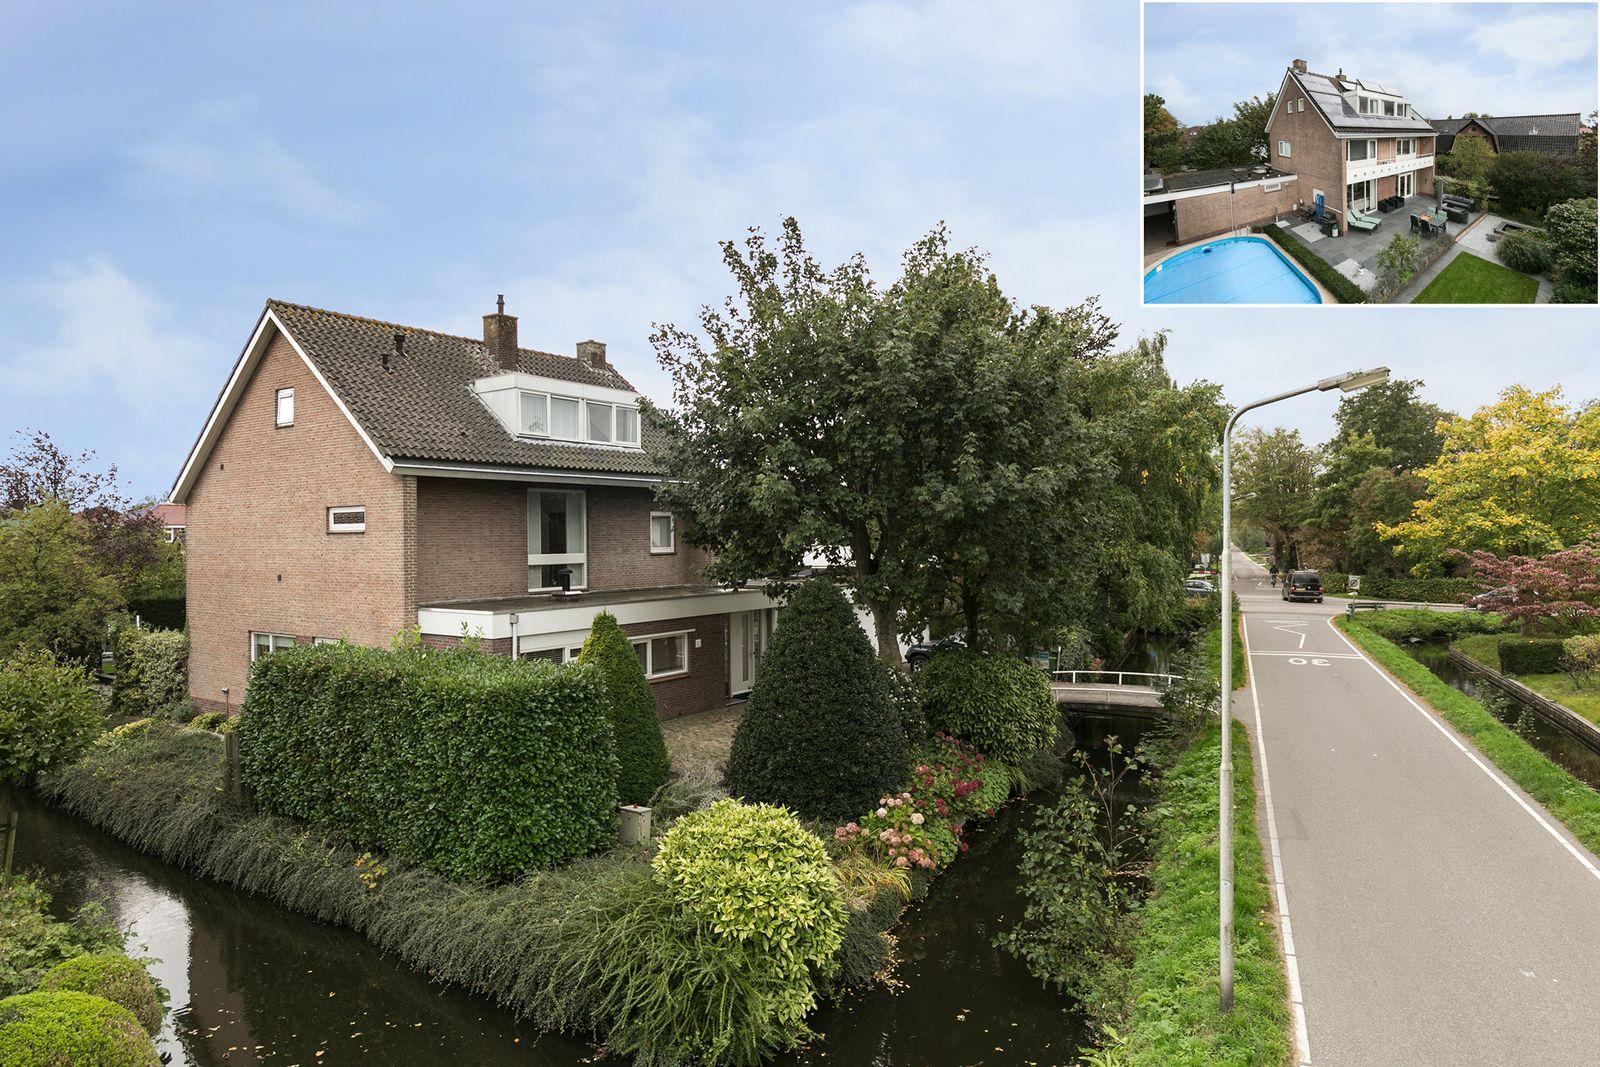 Tiendweg-Oost 29, Lekkerkerk